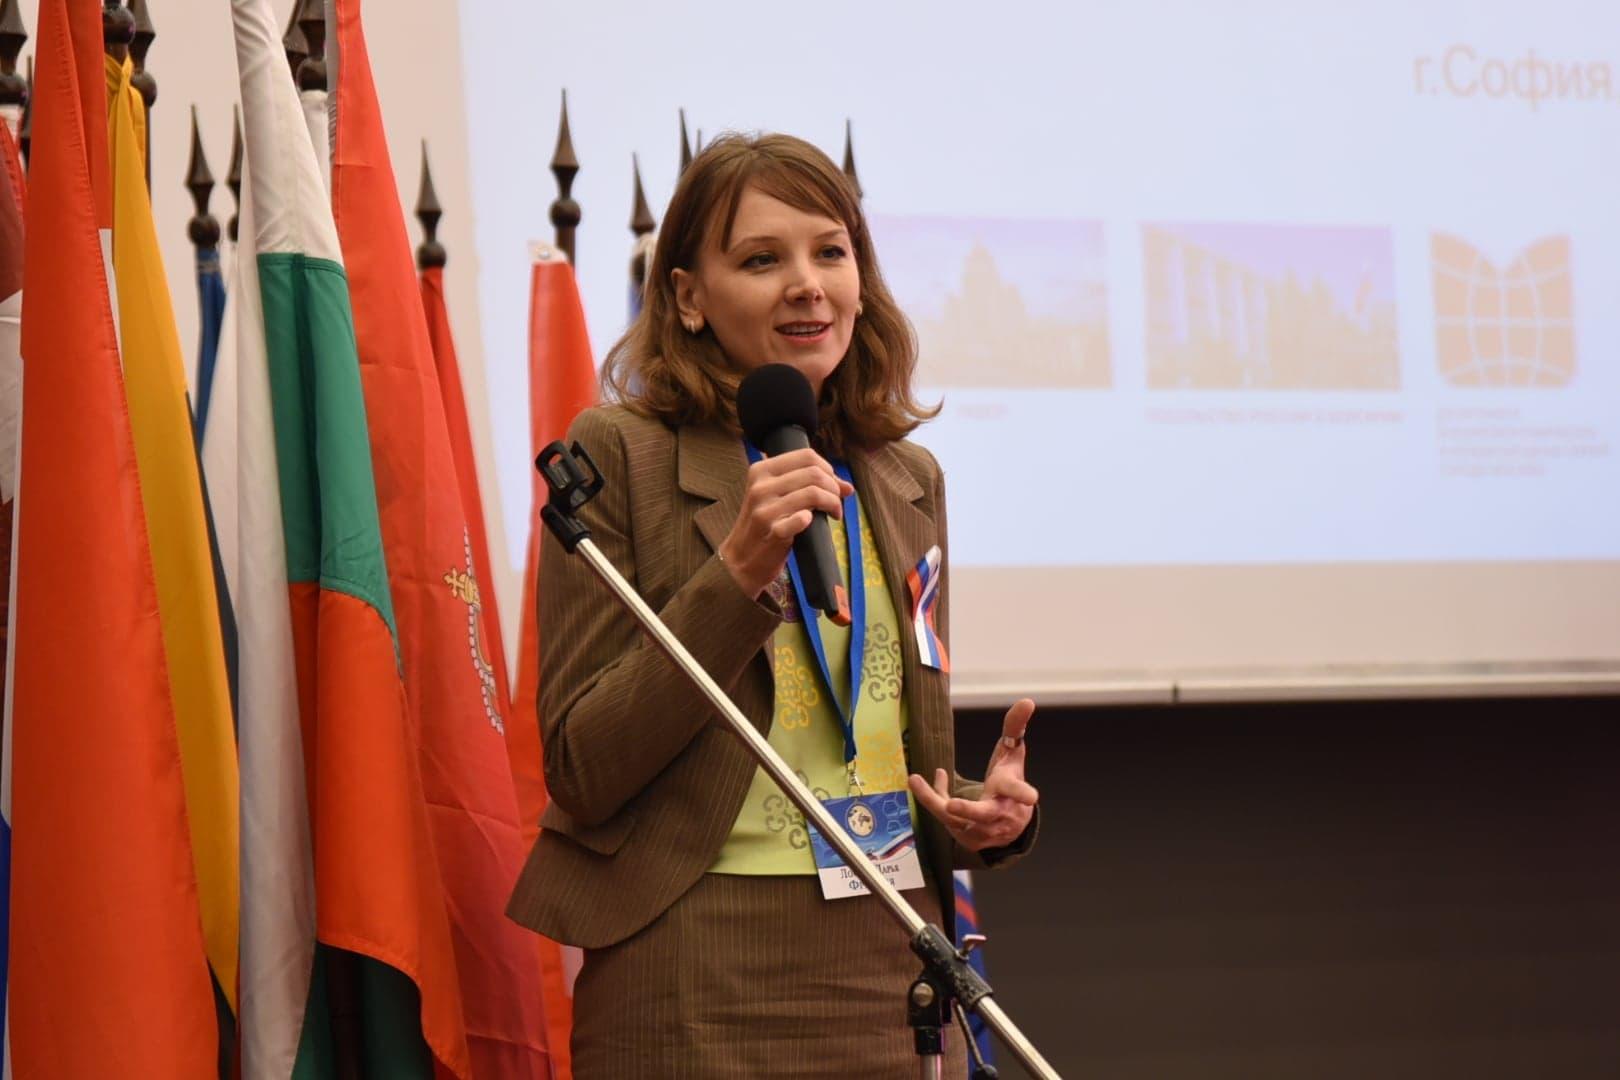 Дарья Лойола. Проекты для русскоязычной молодежи во Франции